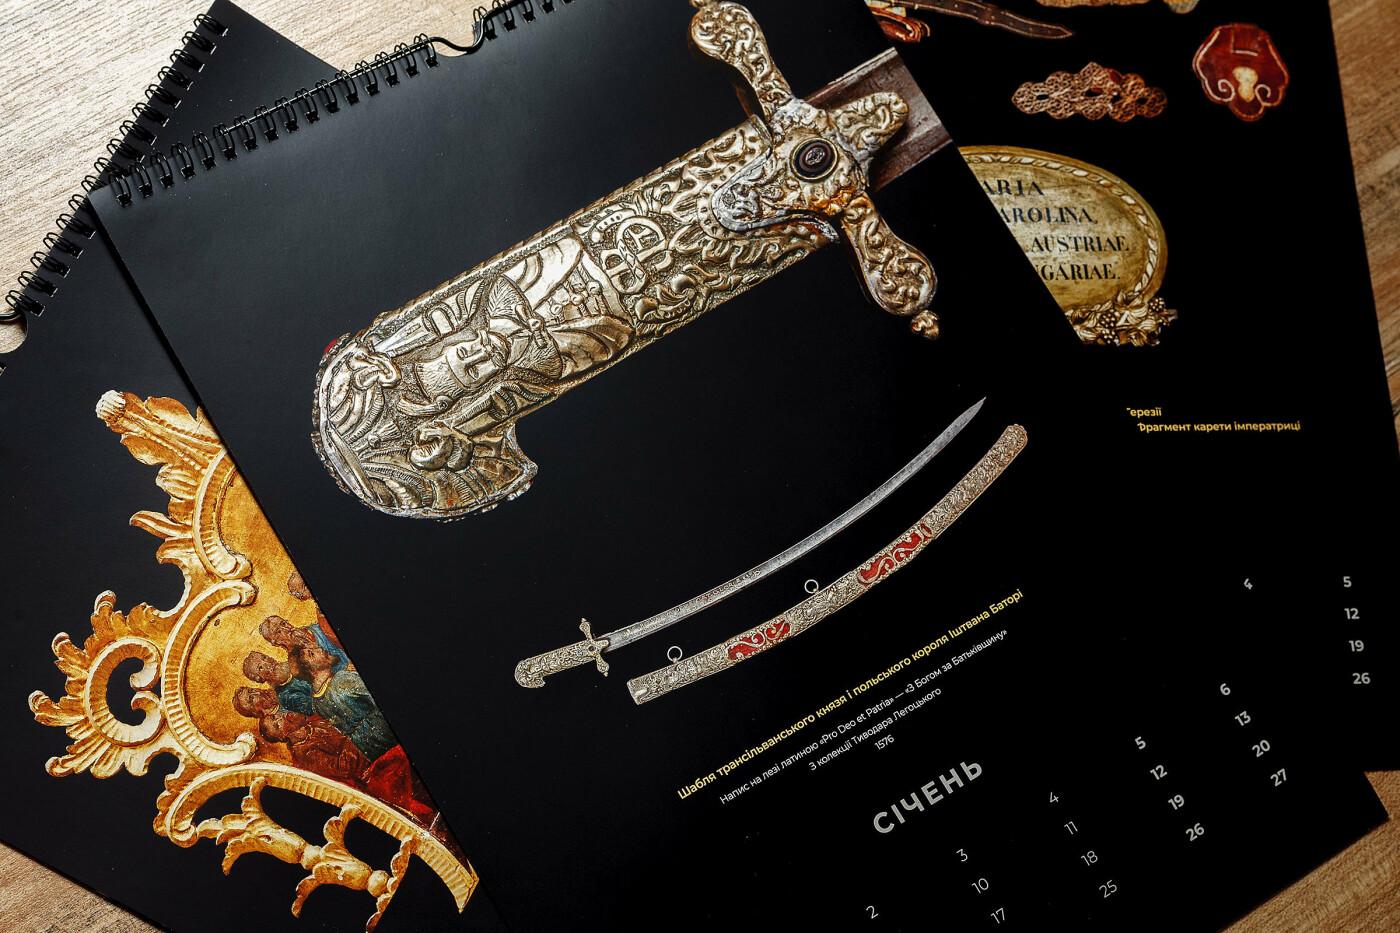 Закарпатський краєзнавчий музей уперше створив календар із коштовних експонатів (ФОТО), фото-4